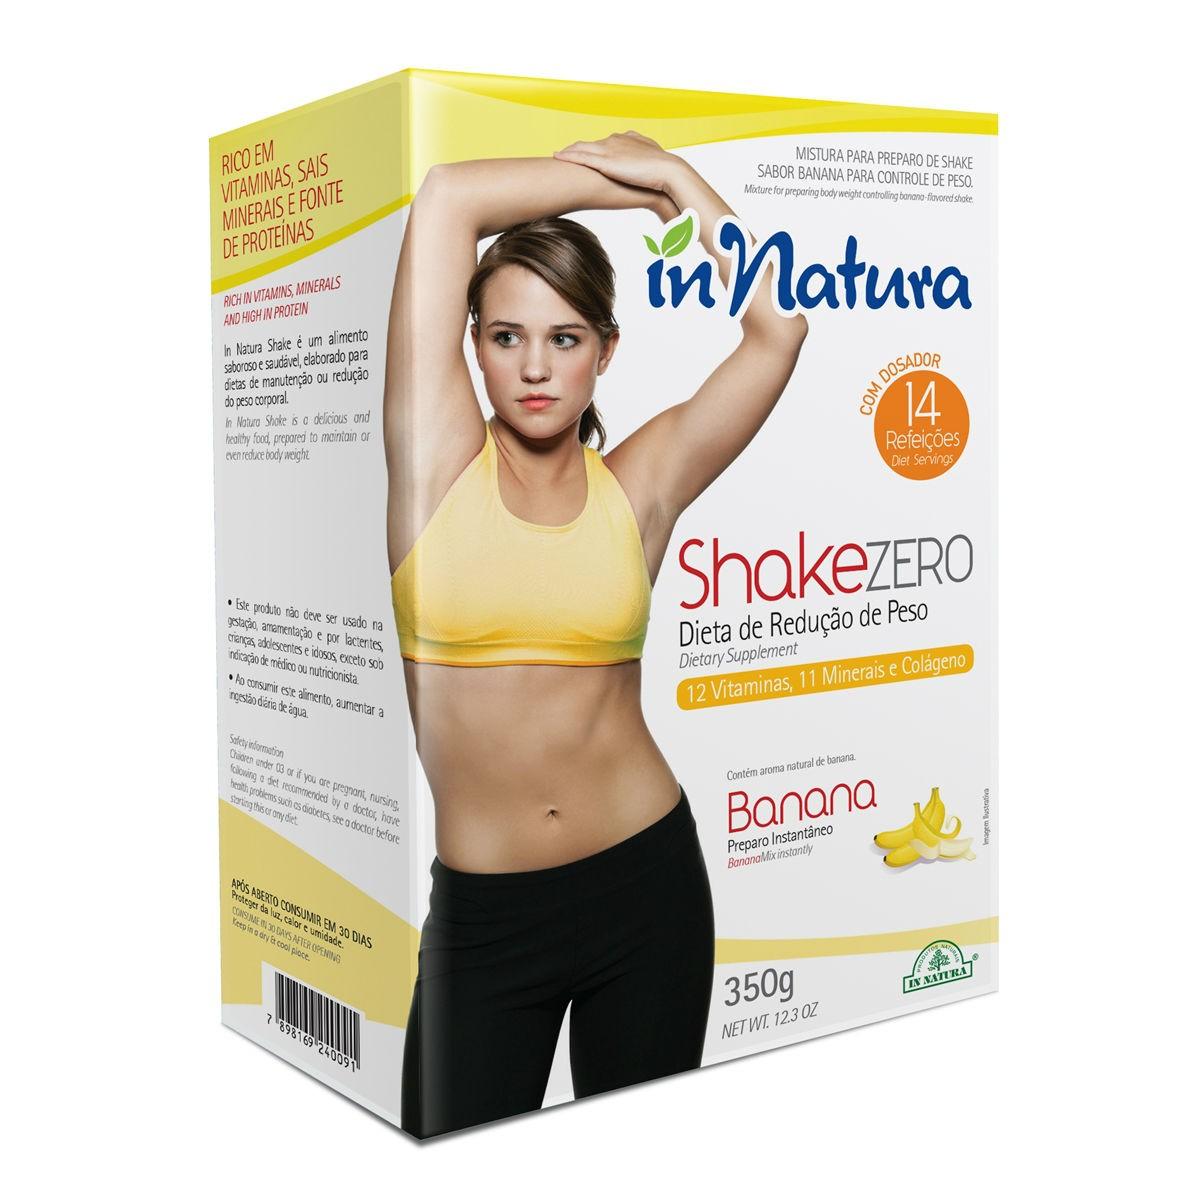 Shake Zero Banana 350g - In Natura